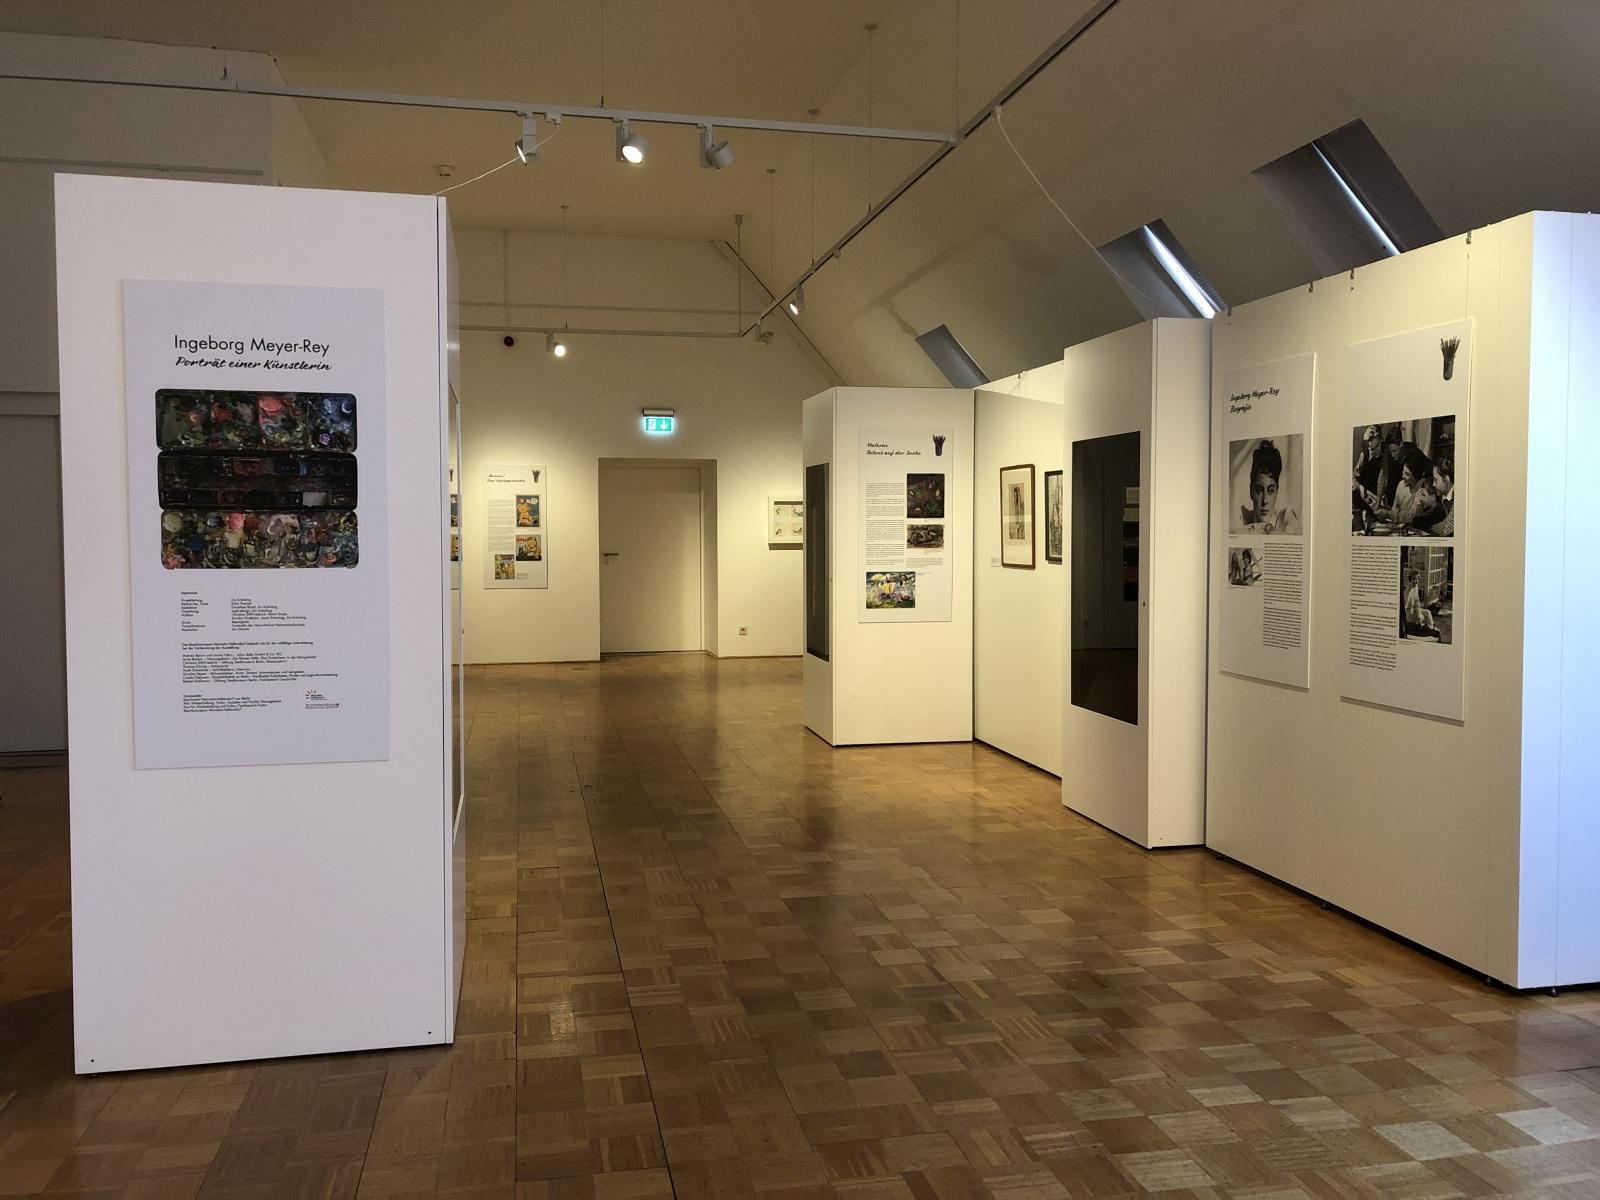 Blick-in-Ausstellung-Ingeborg-Meyer-Rey